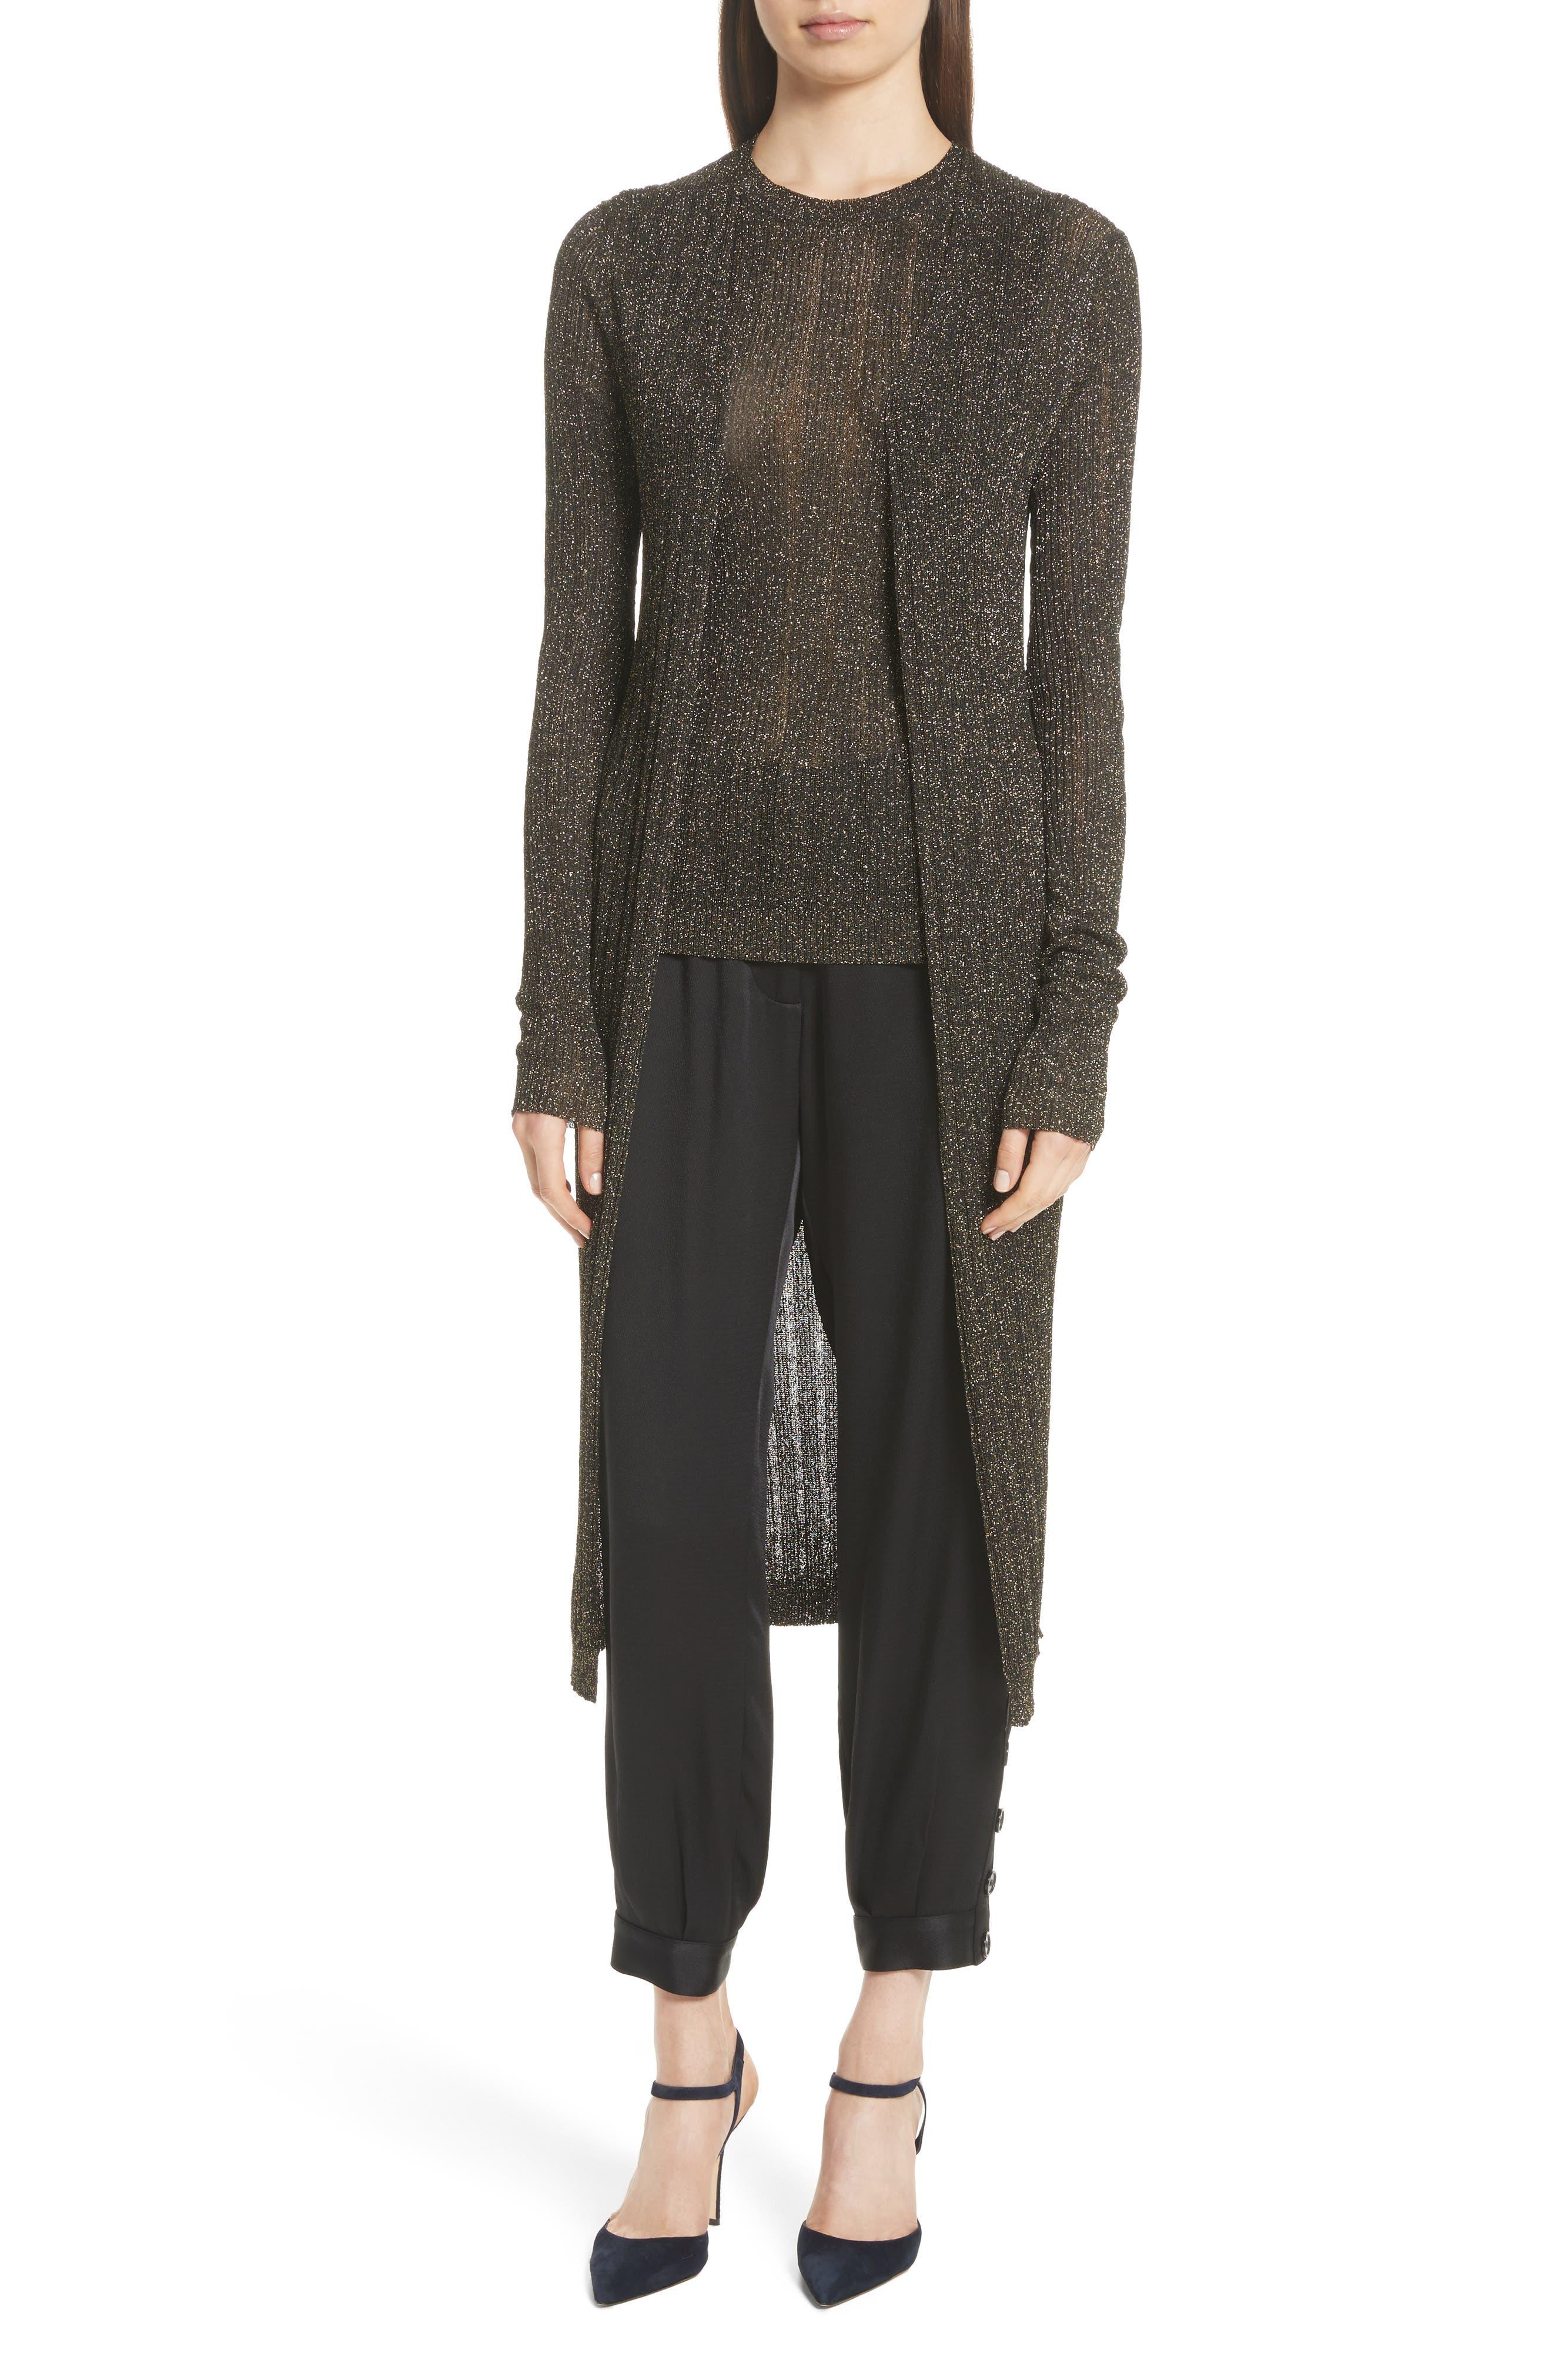 Nili Lotan LaSalle Metallic Knit Long Cardigan